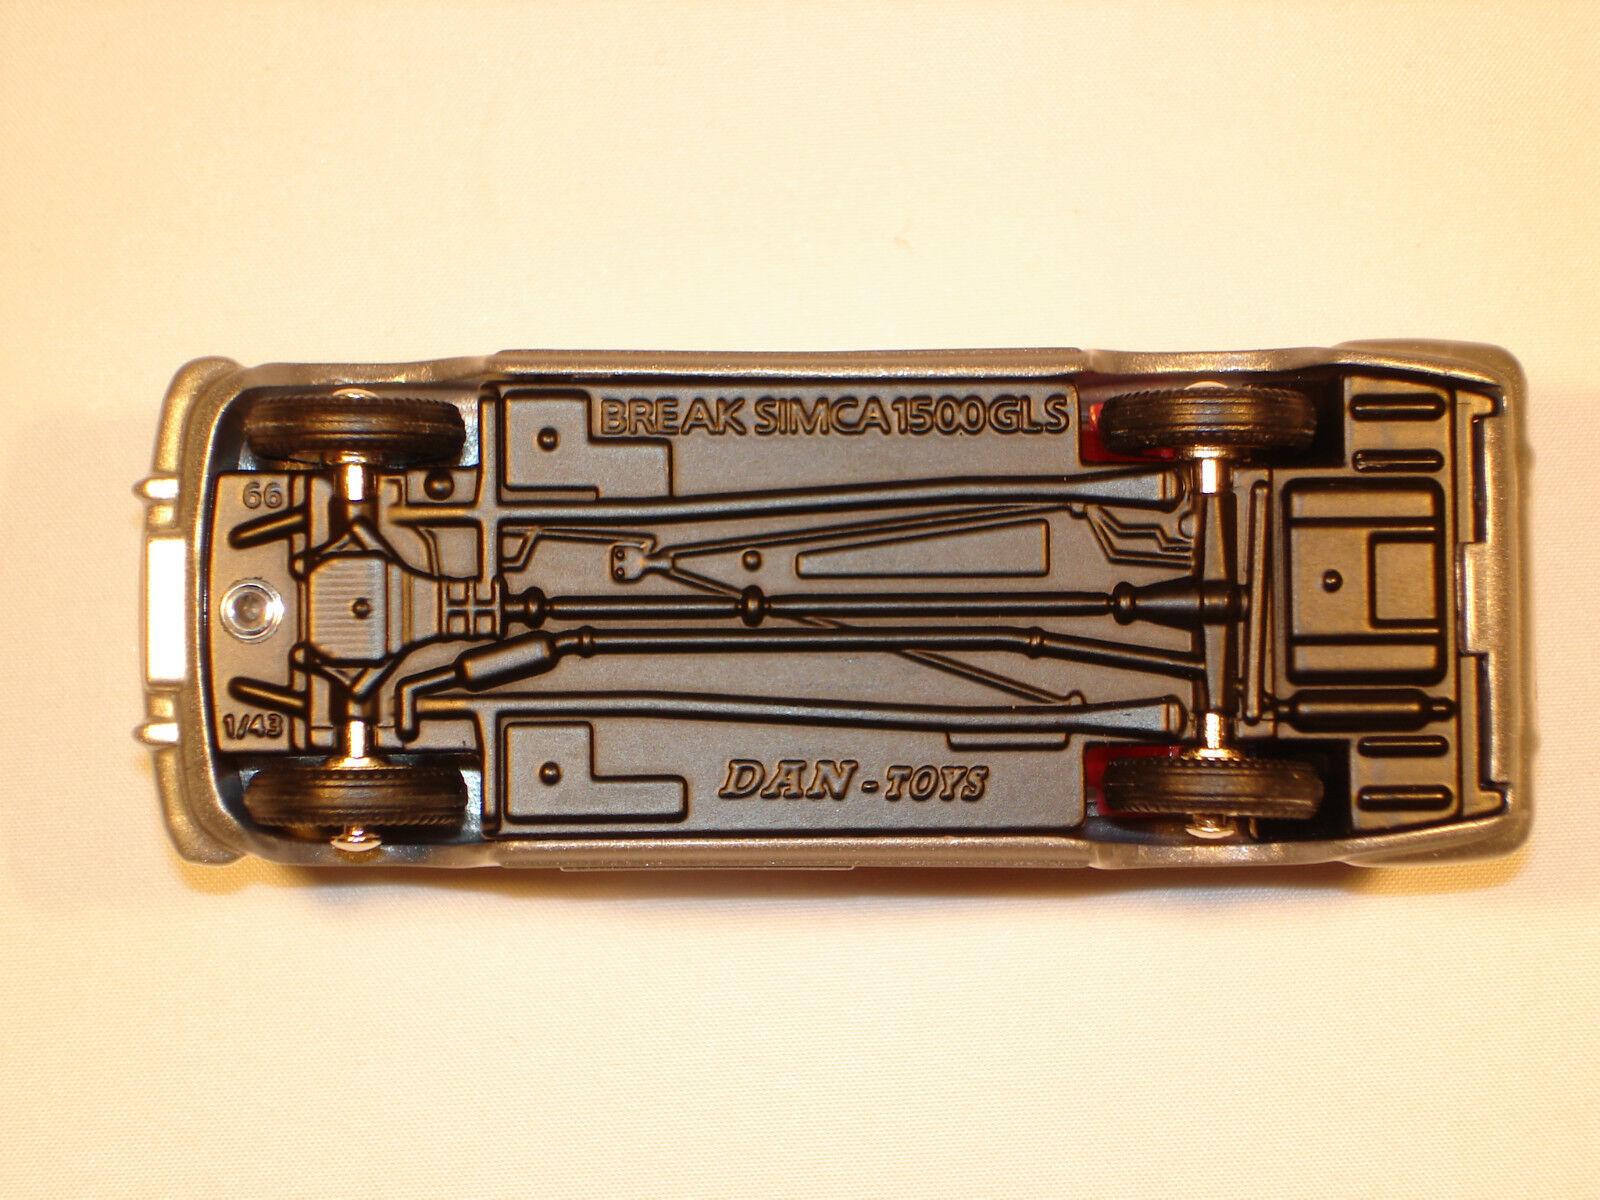 DAN TOYS Simca 1500 Break gris Métal    Ref. DAN 201 293974